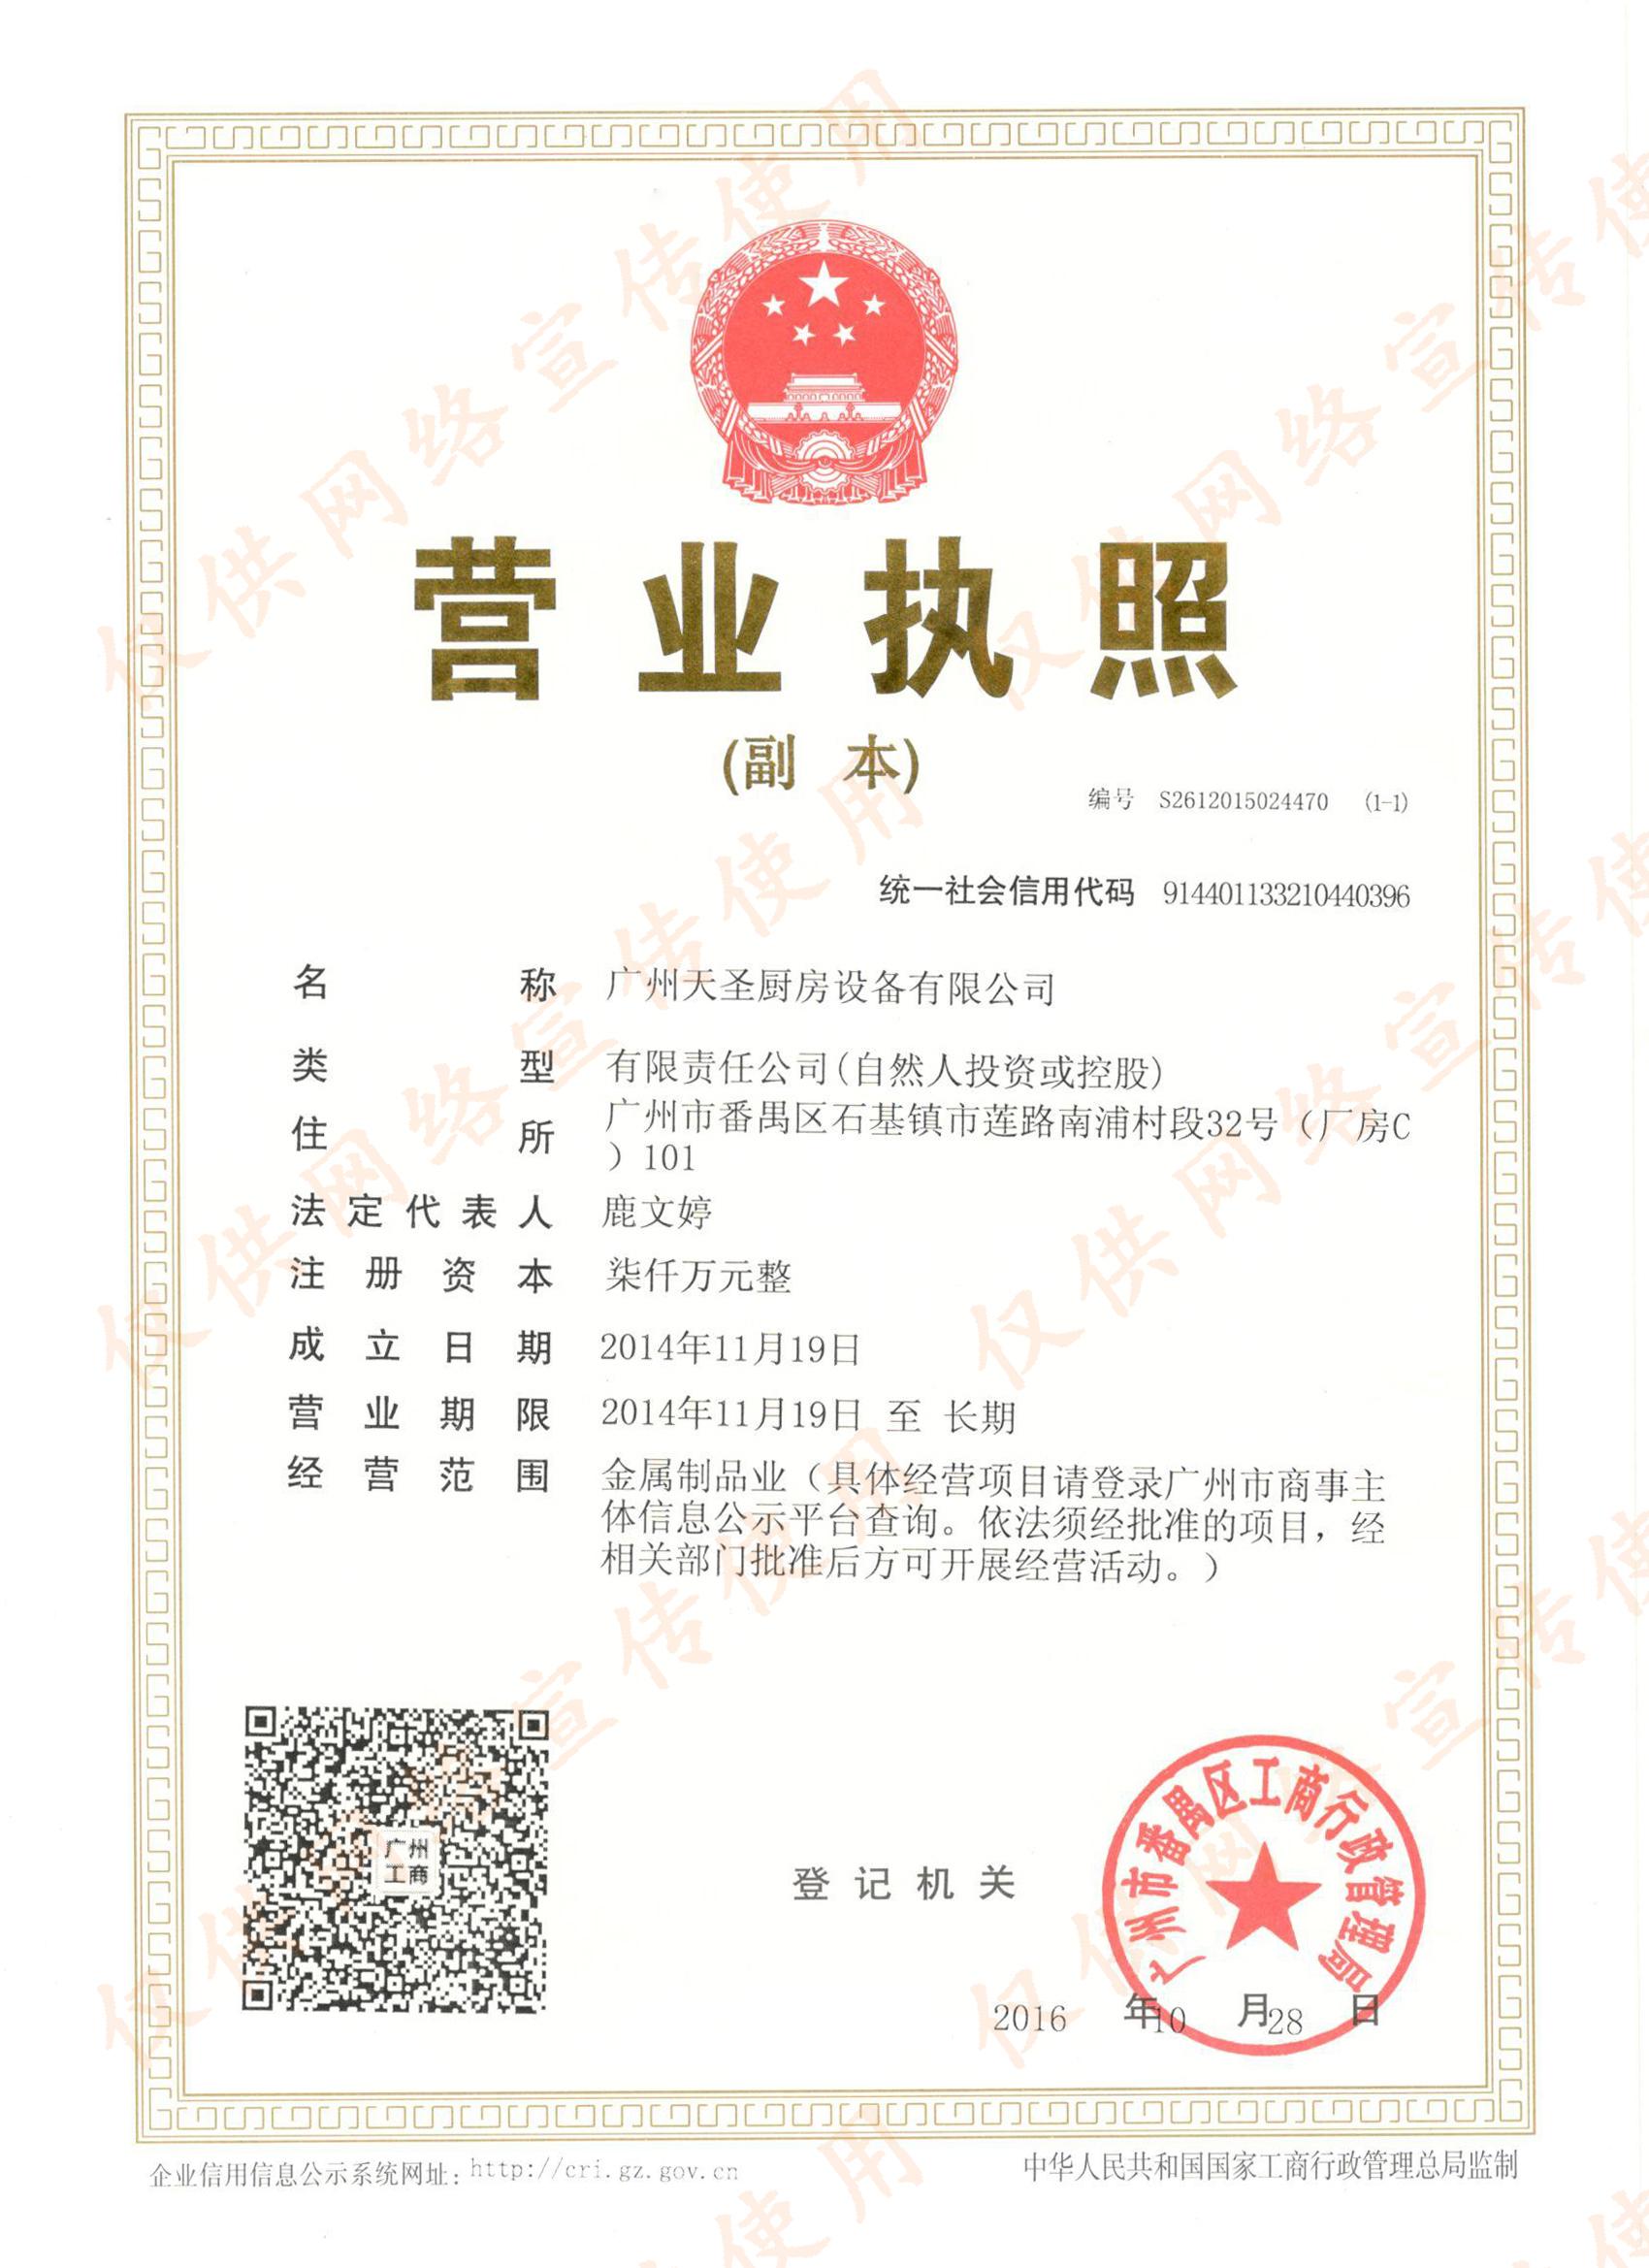 营业执照——天圣厨具荣誉资质